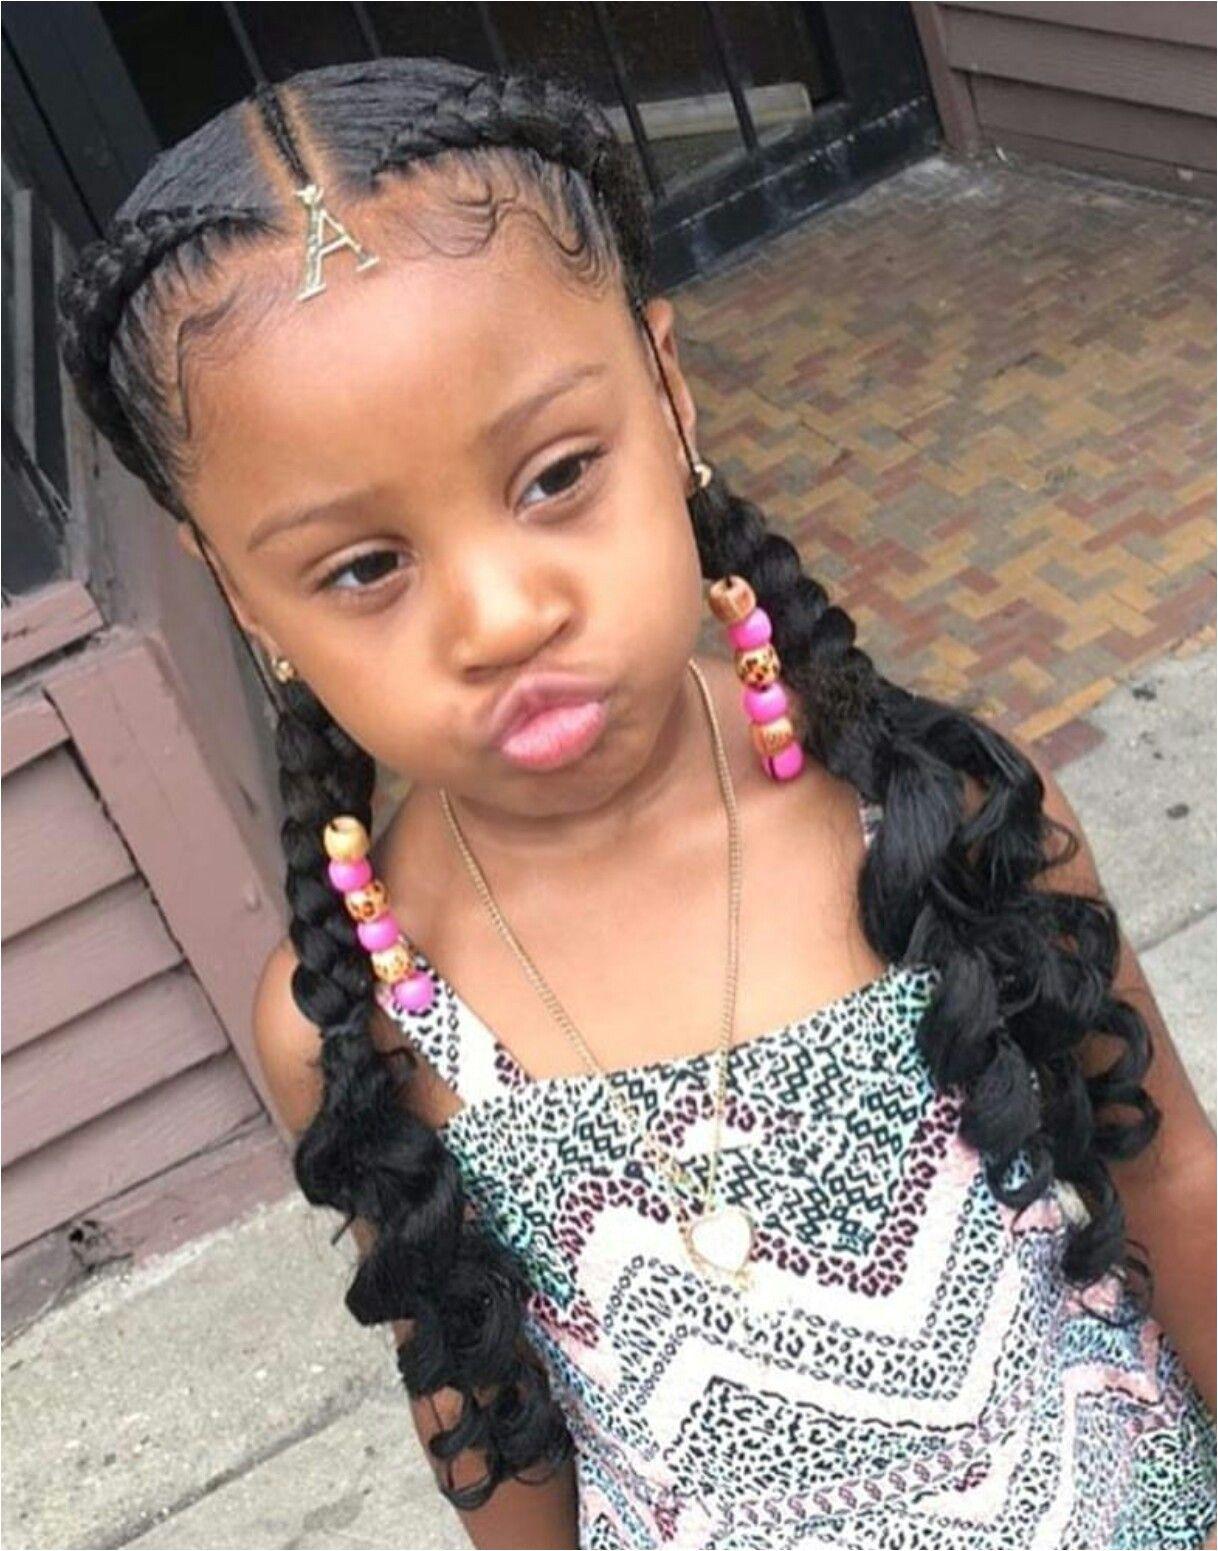 Frisuren für schwarze Frauen, die trainieren - Diyfrisuren